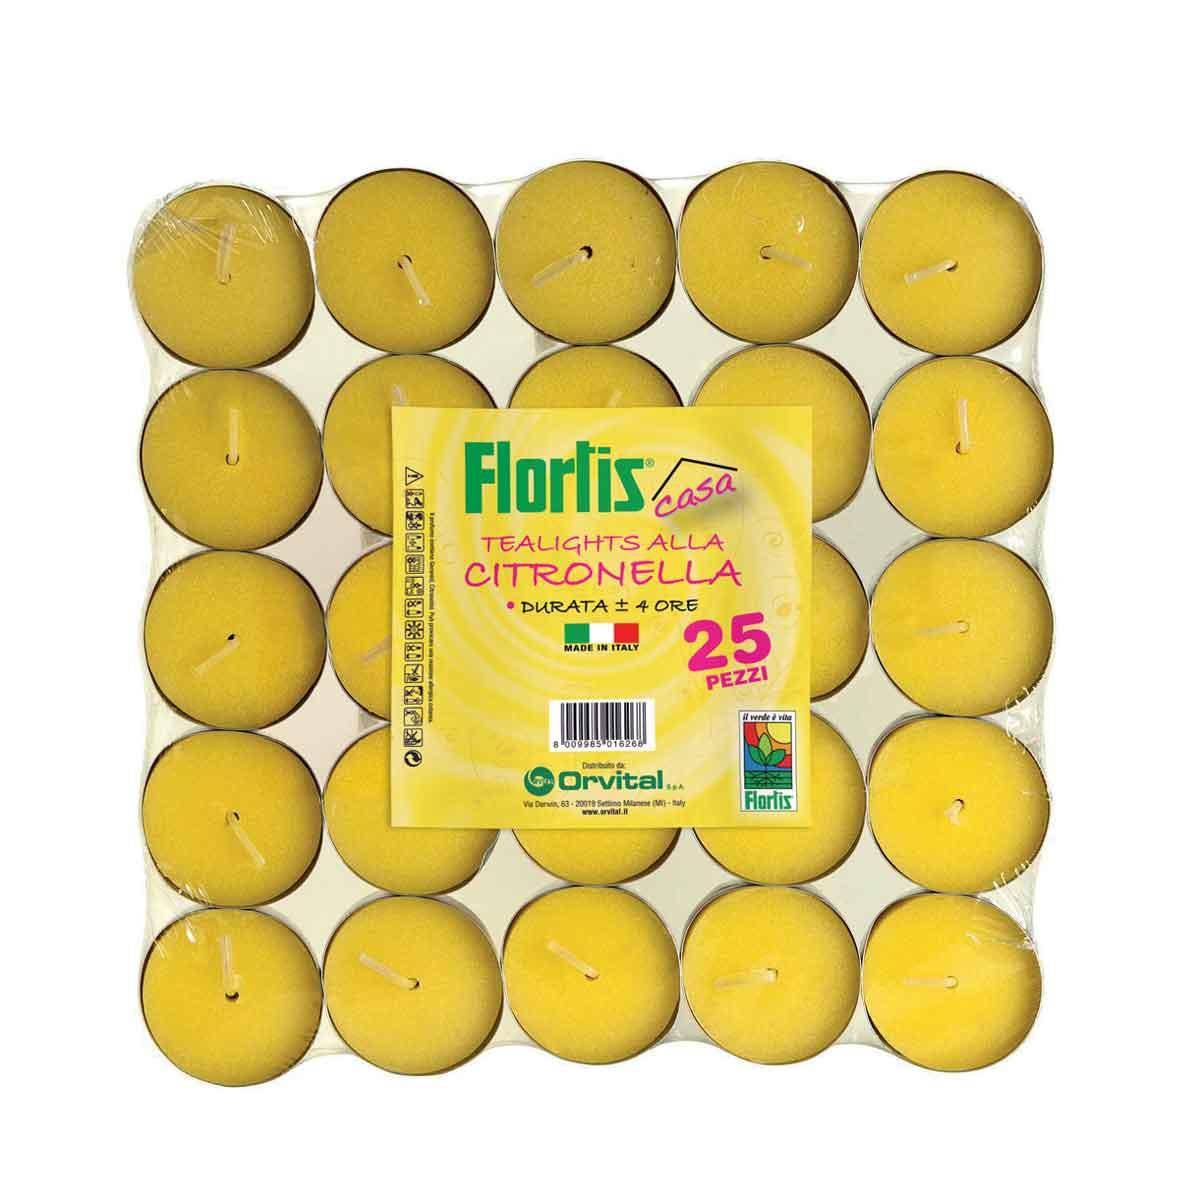 Flortis Tealights anti zanzare alla citronella 25 pezzi